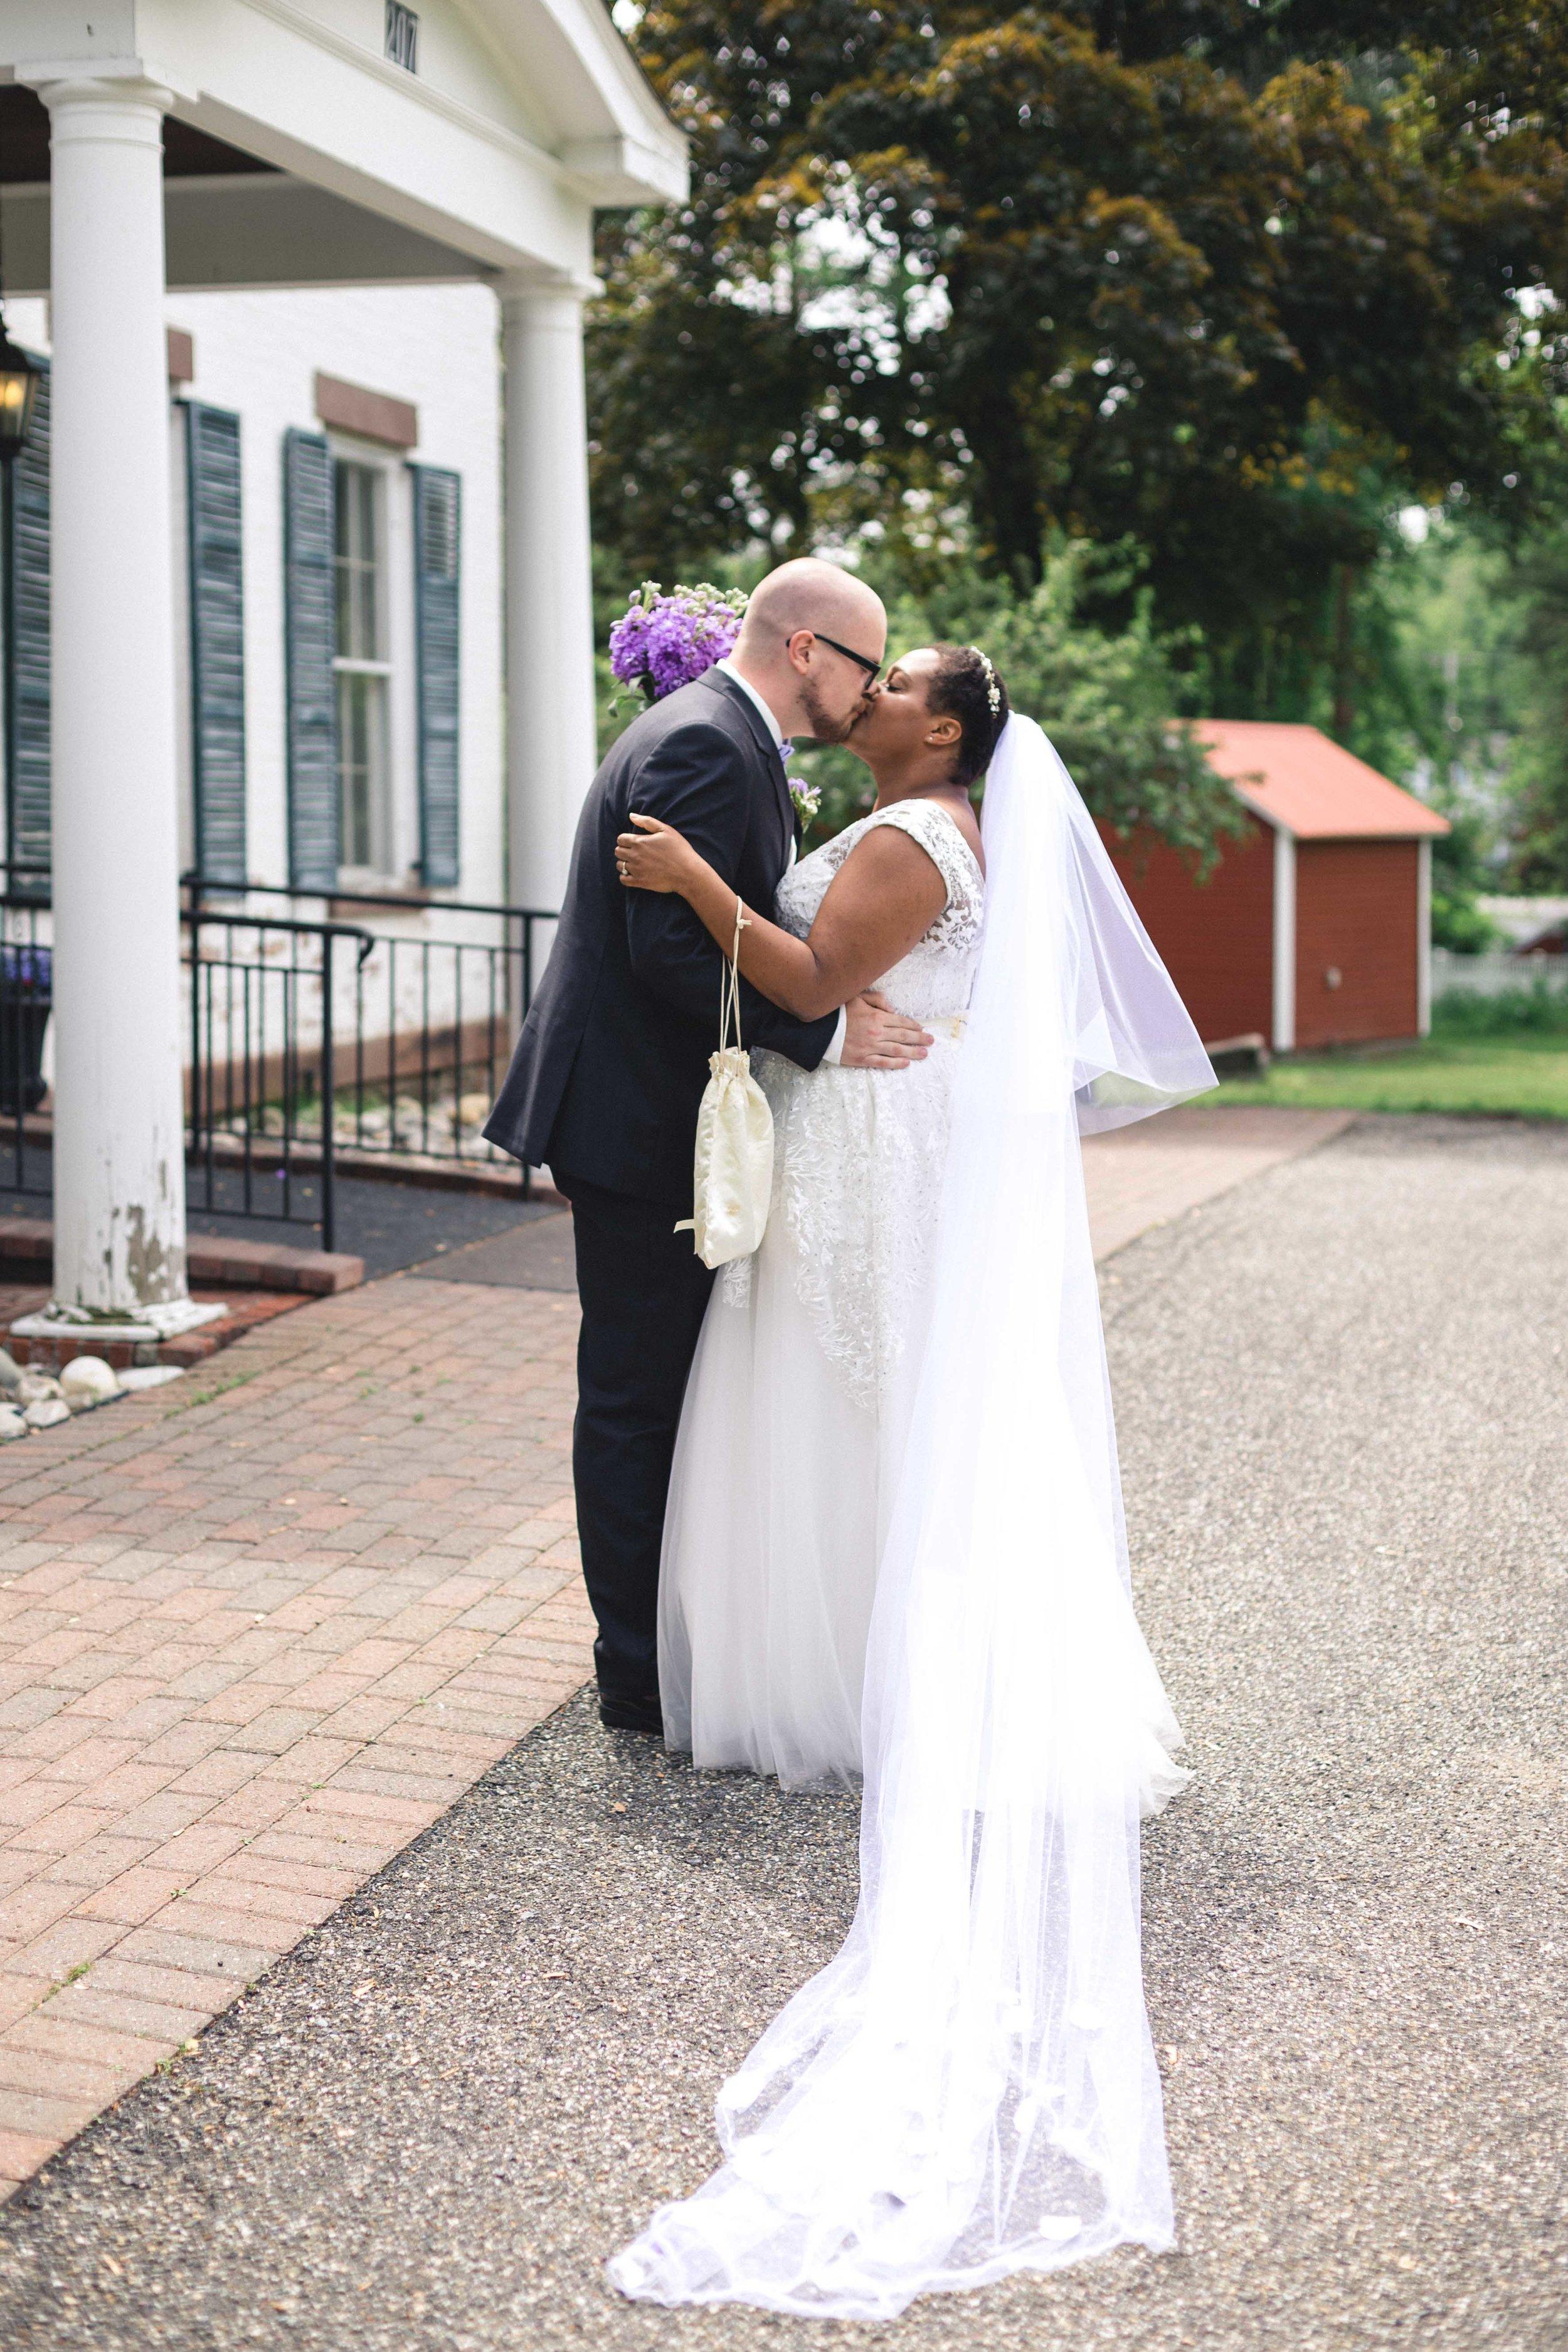 Zach-Xio-wedding-180.jpg